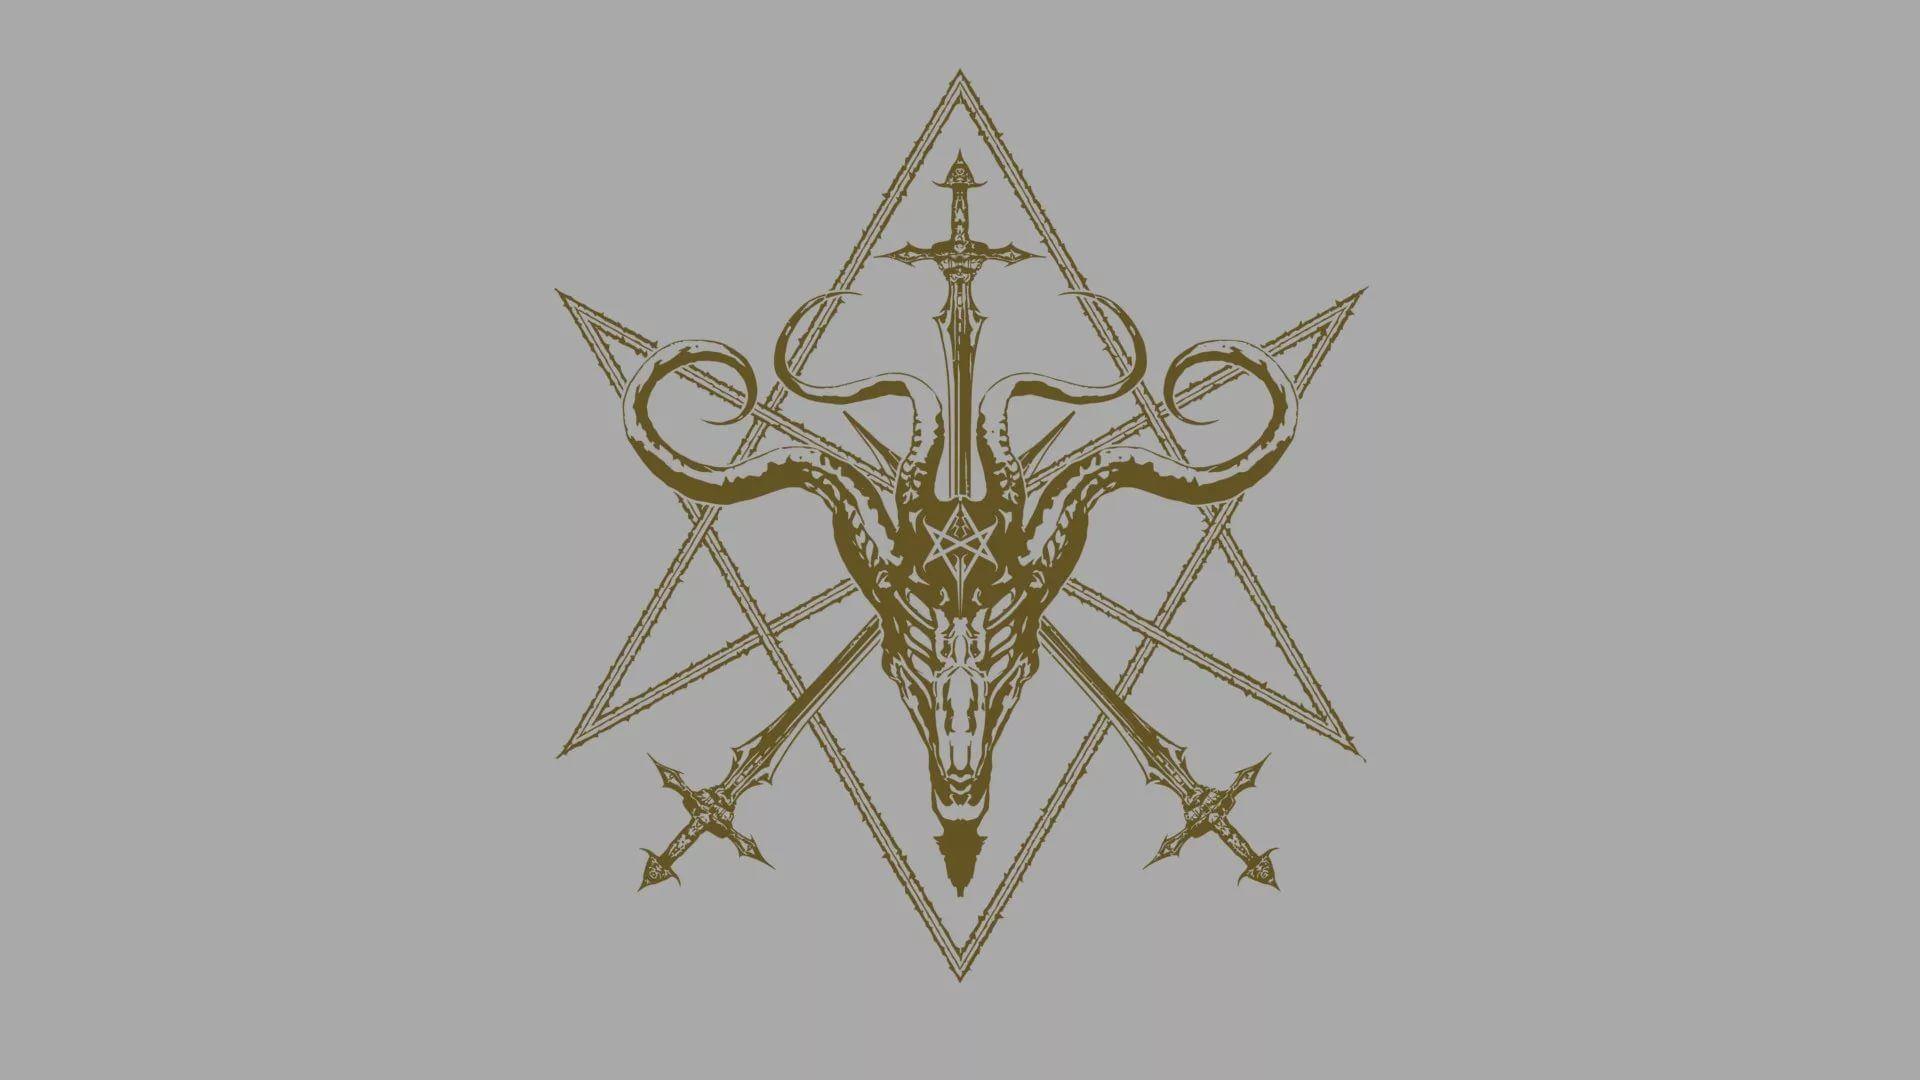 Satanic full screen hd wallpaper